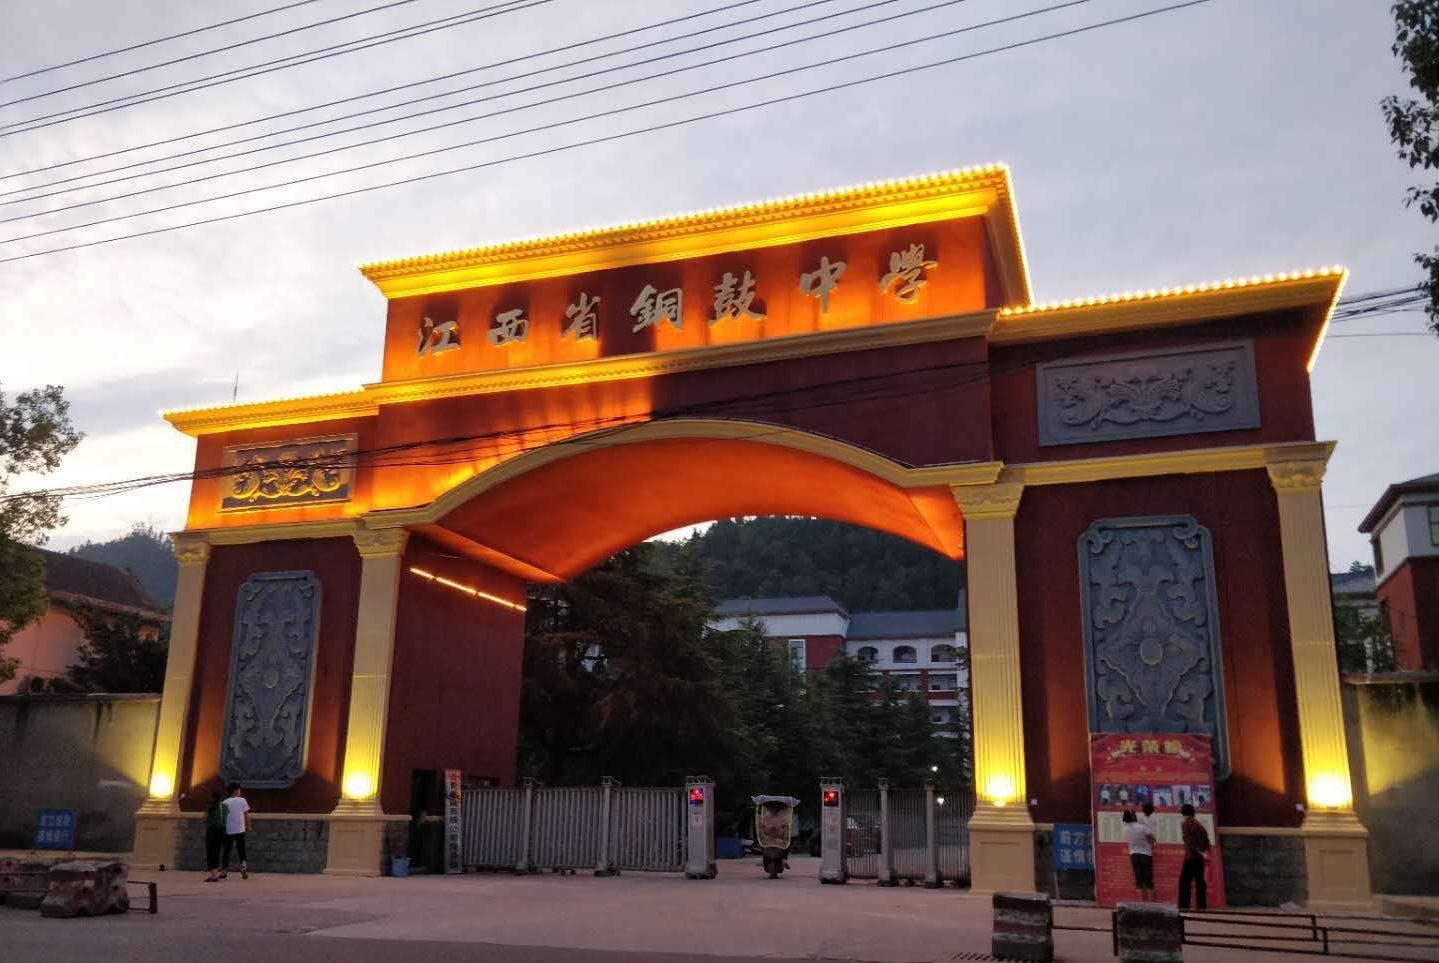 江西铜鼓县委书记:高中教育免学费,已交的全部退还